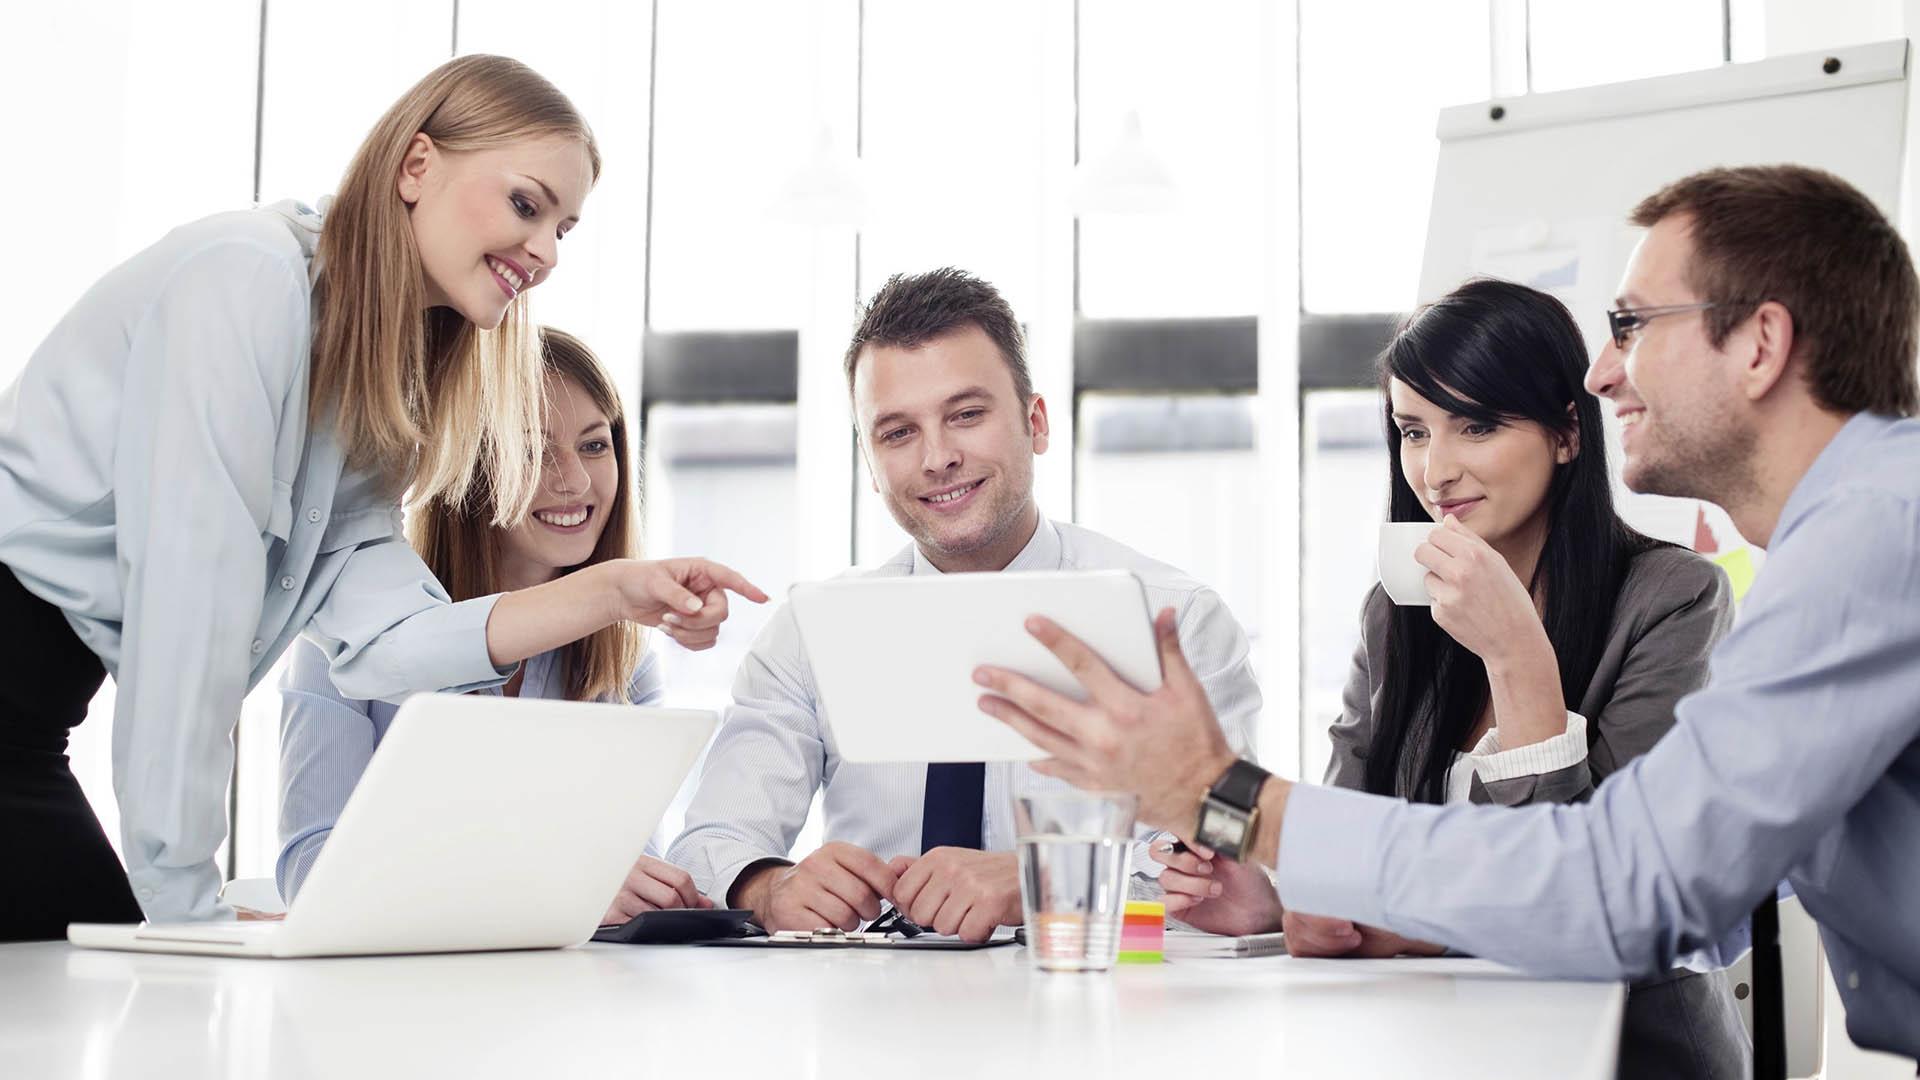 Бесплатный вебинар: Почему вовлеченность - движущая сила управленца?